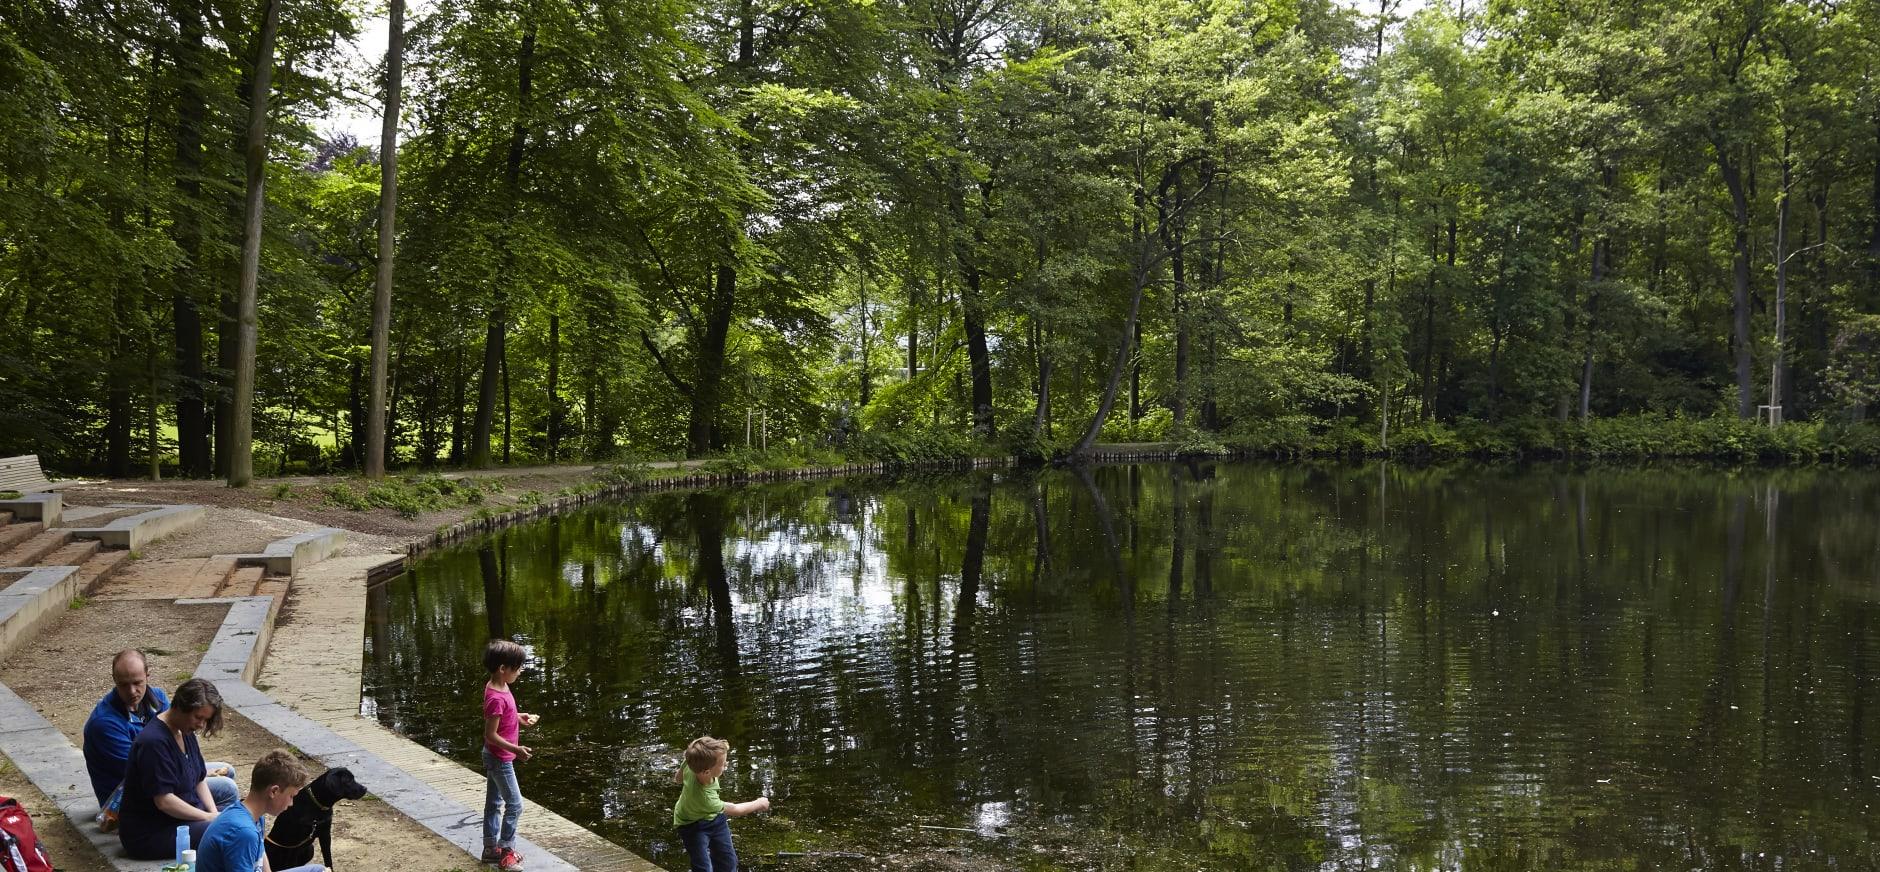 Maak een boswandeling op Veluwezoom